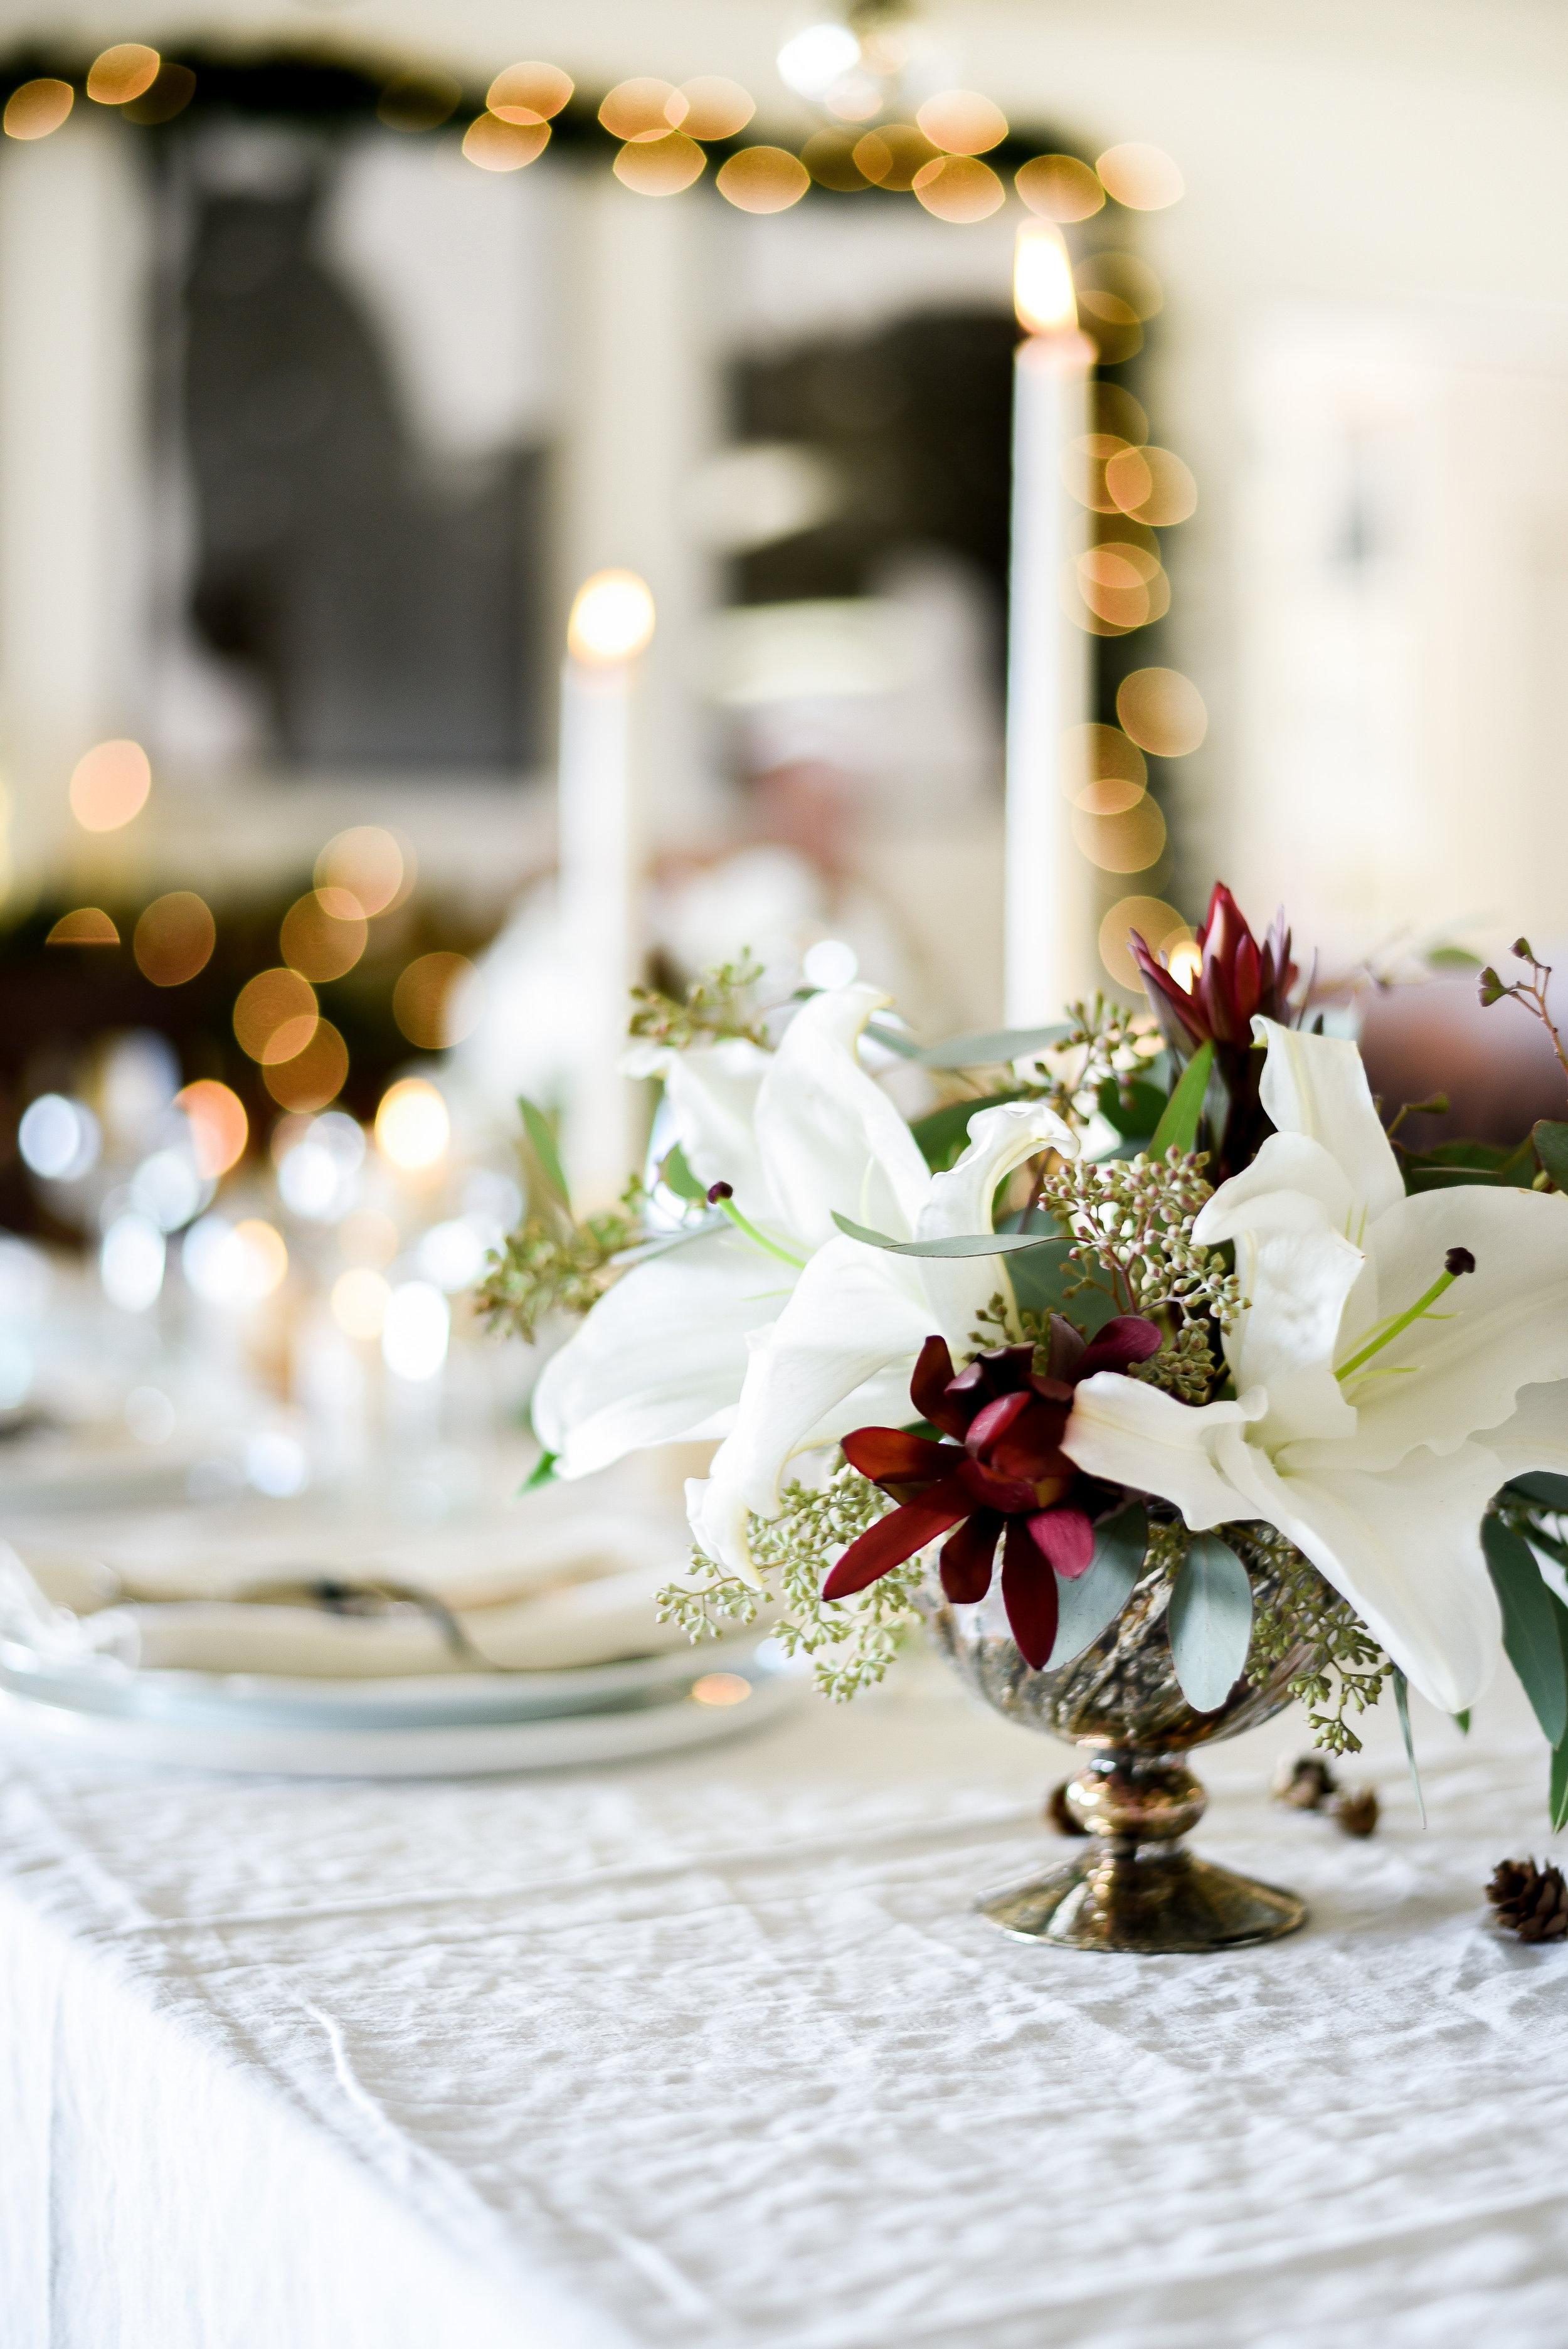 Lily & eucalyptus holiday floral arrangement. boxwoodavenue.com